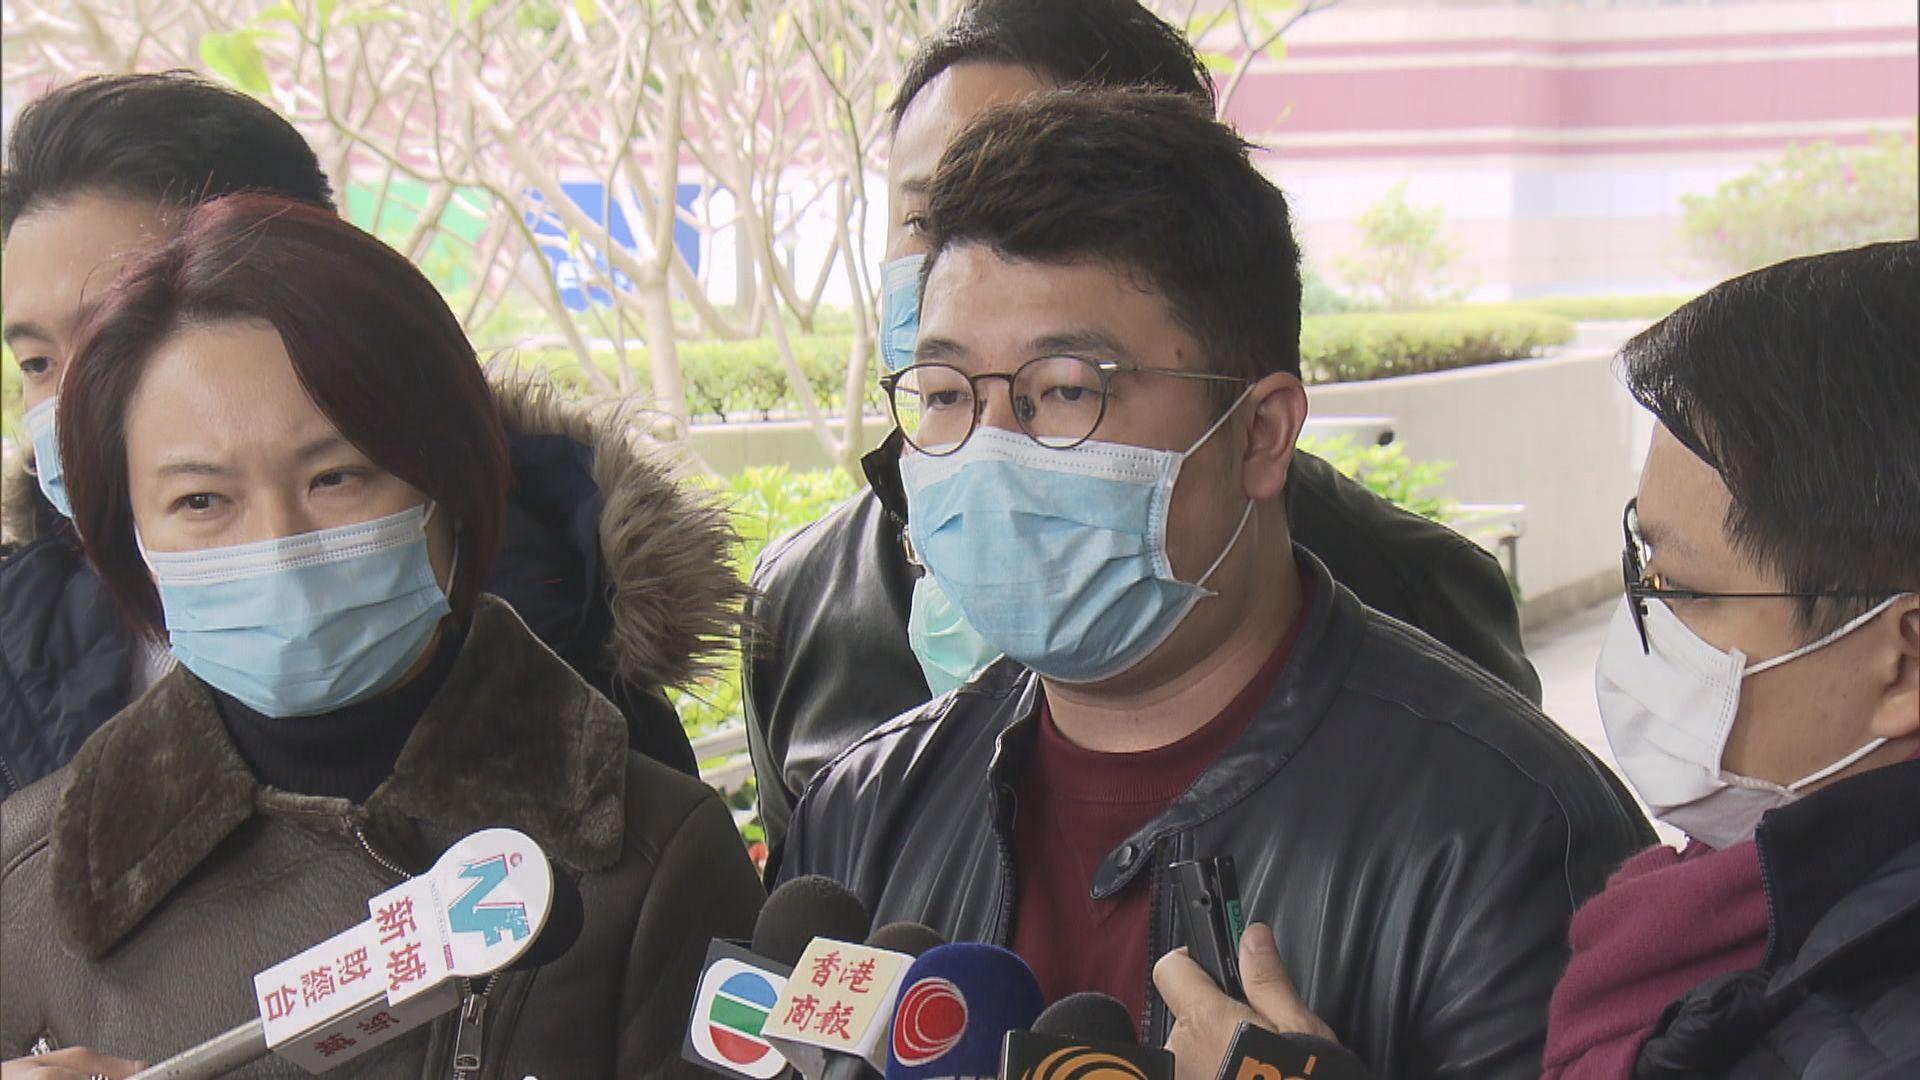 劉國勳:政府承諾不使用暉明邨作隔離營